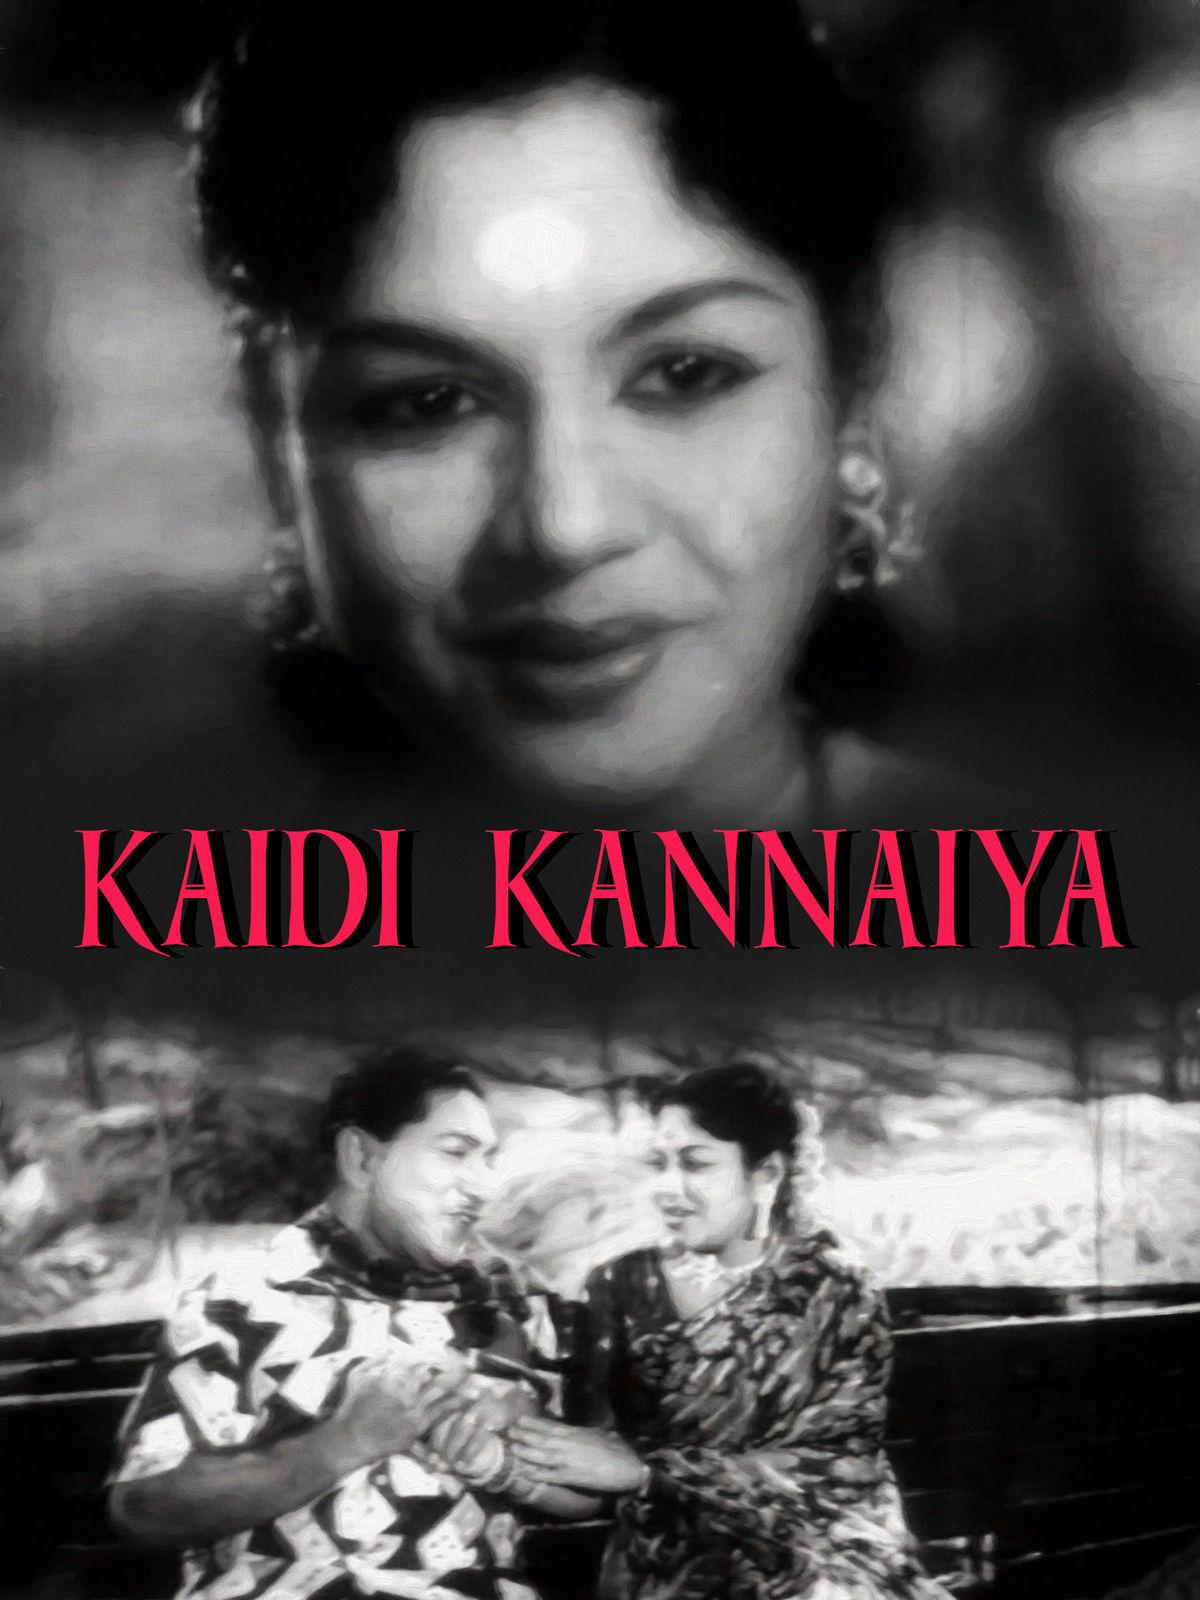 Kaidi Kannaiya